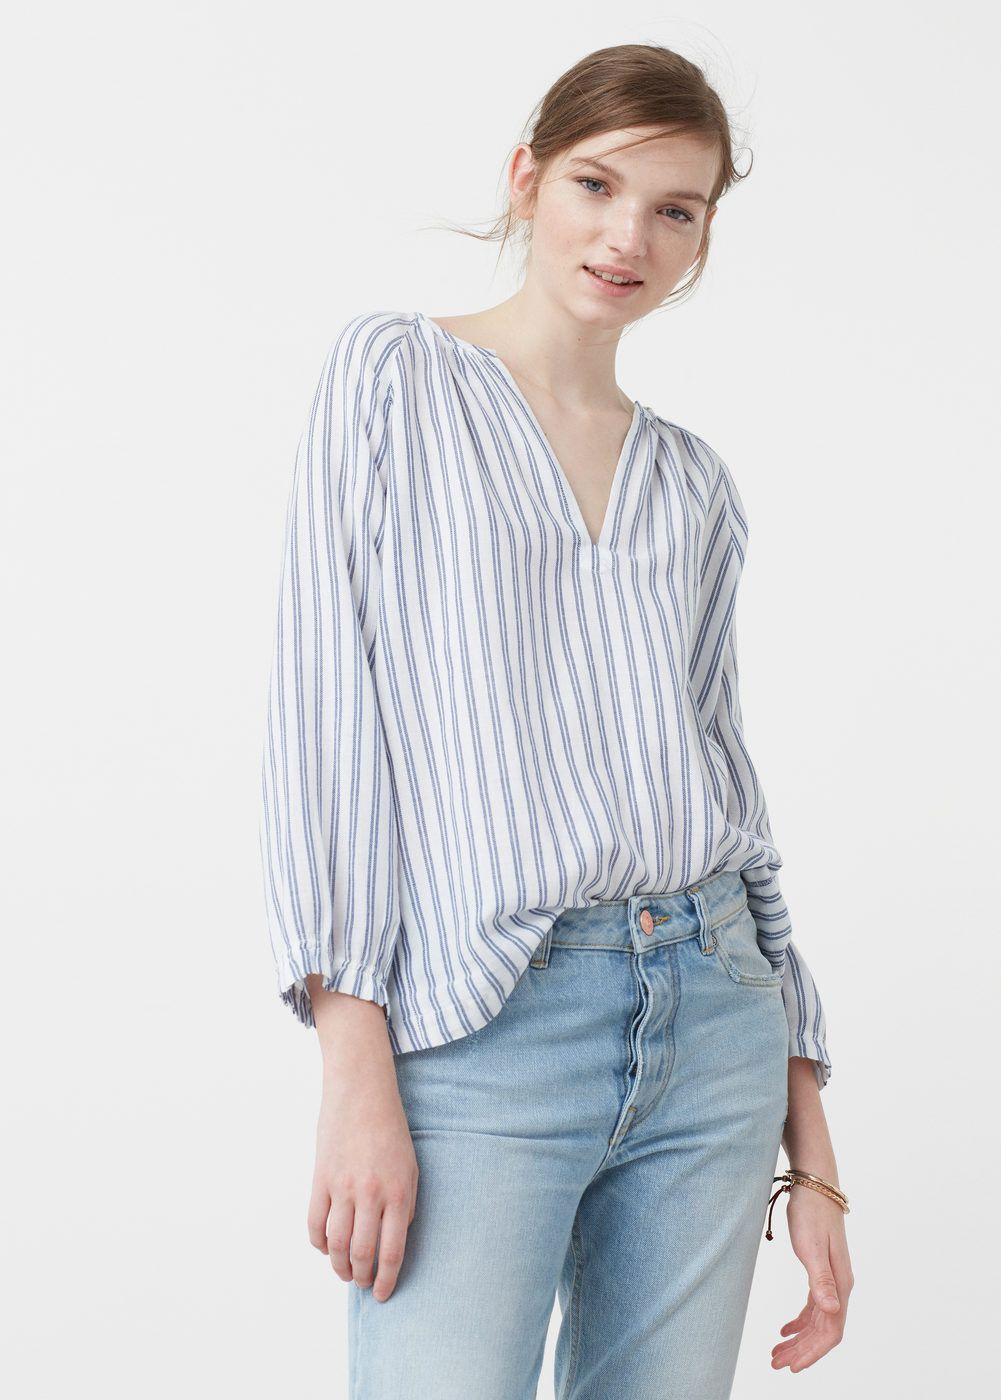 554af640c5427 Blusa algodón rayas - Mujer en 2019